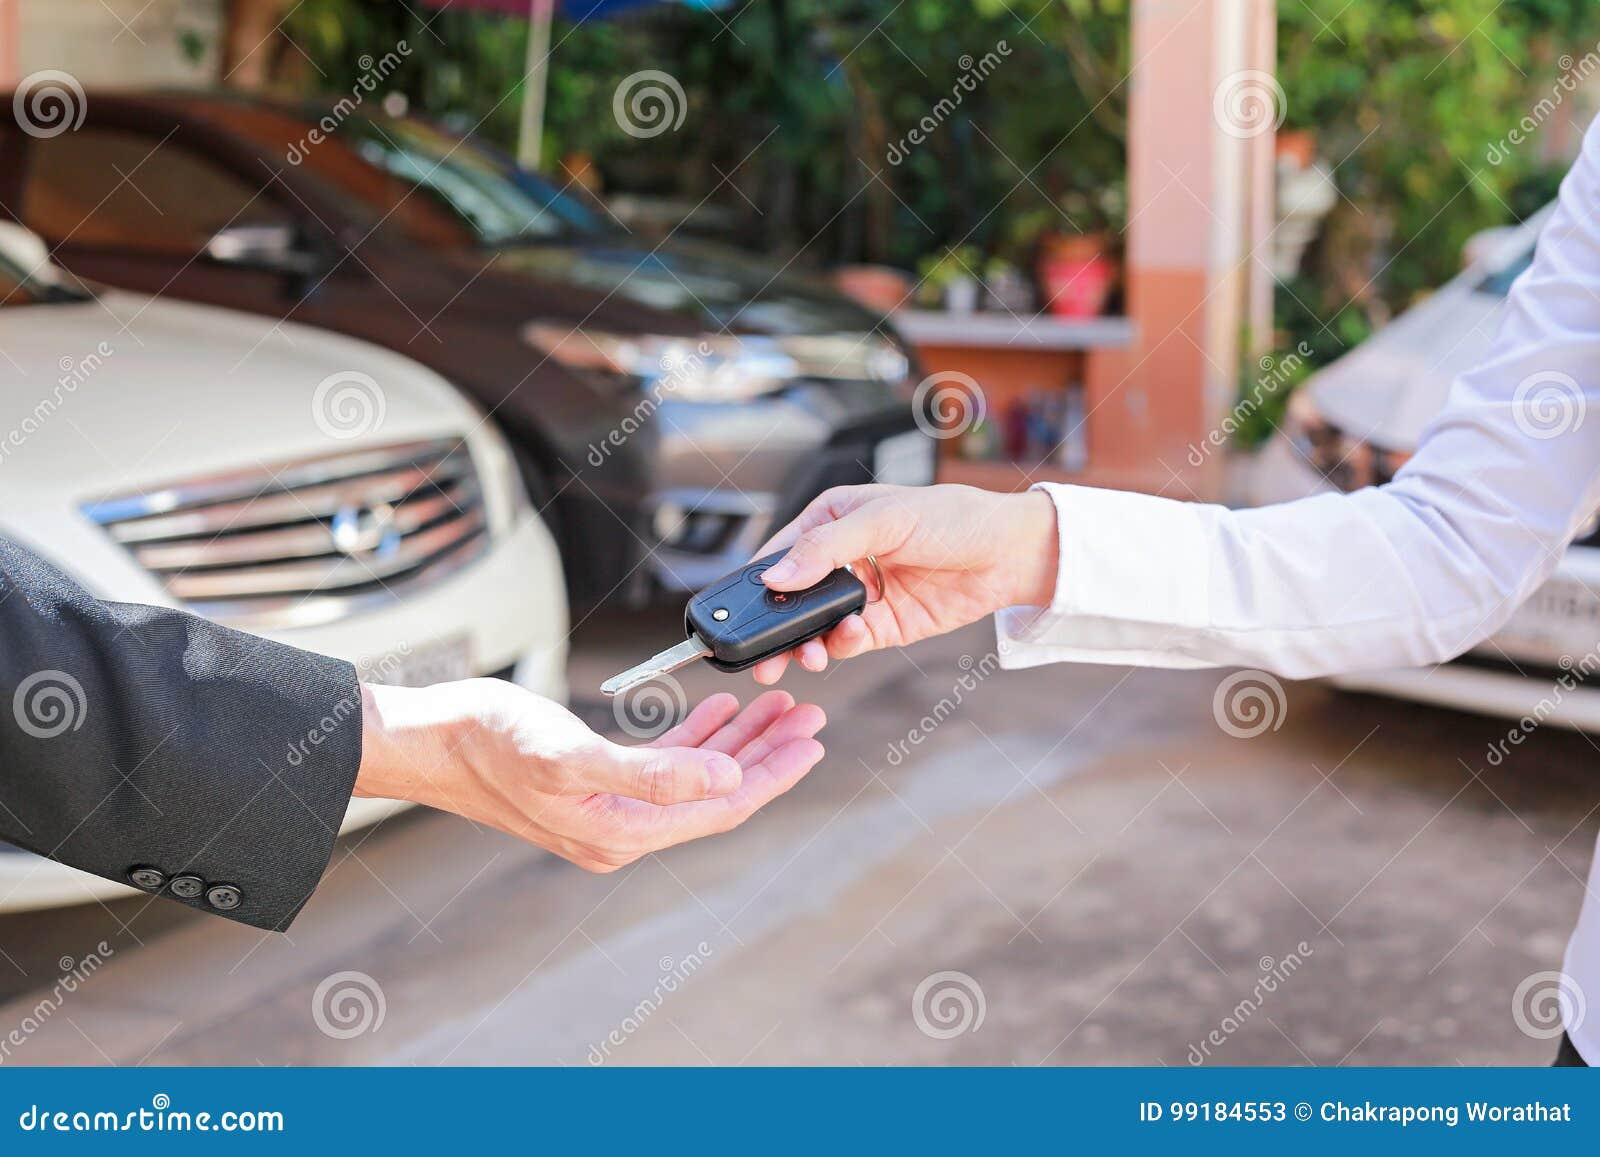 Kör kassaskåpet Closeup av tangenter för en bil för häleri för manbilägare från t